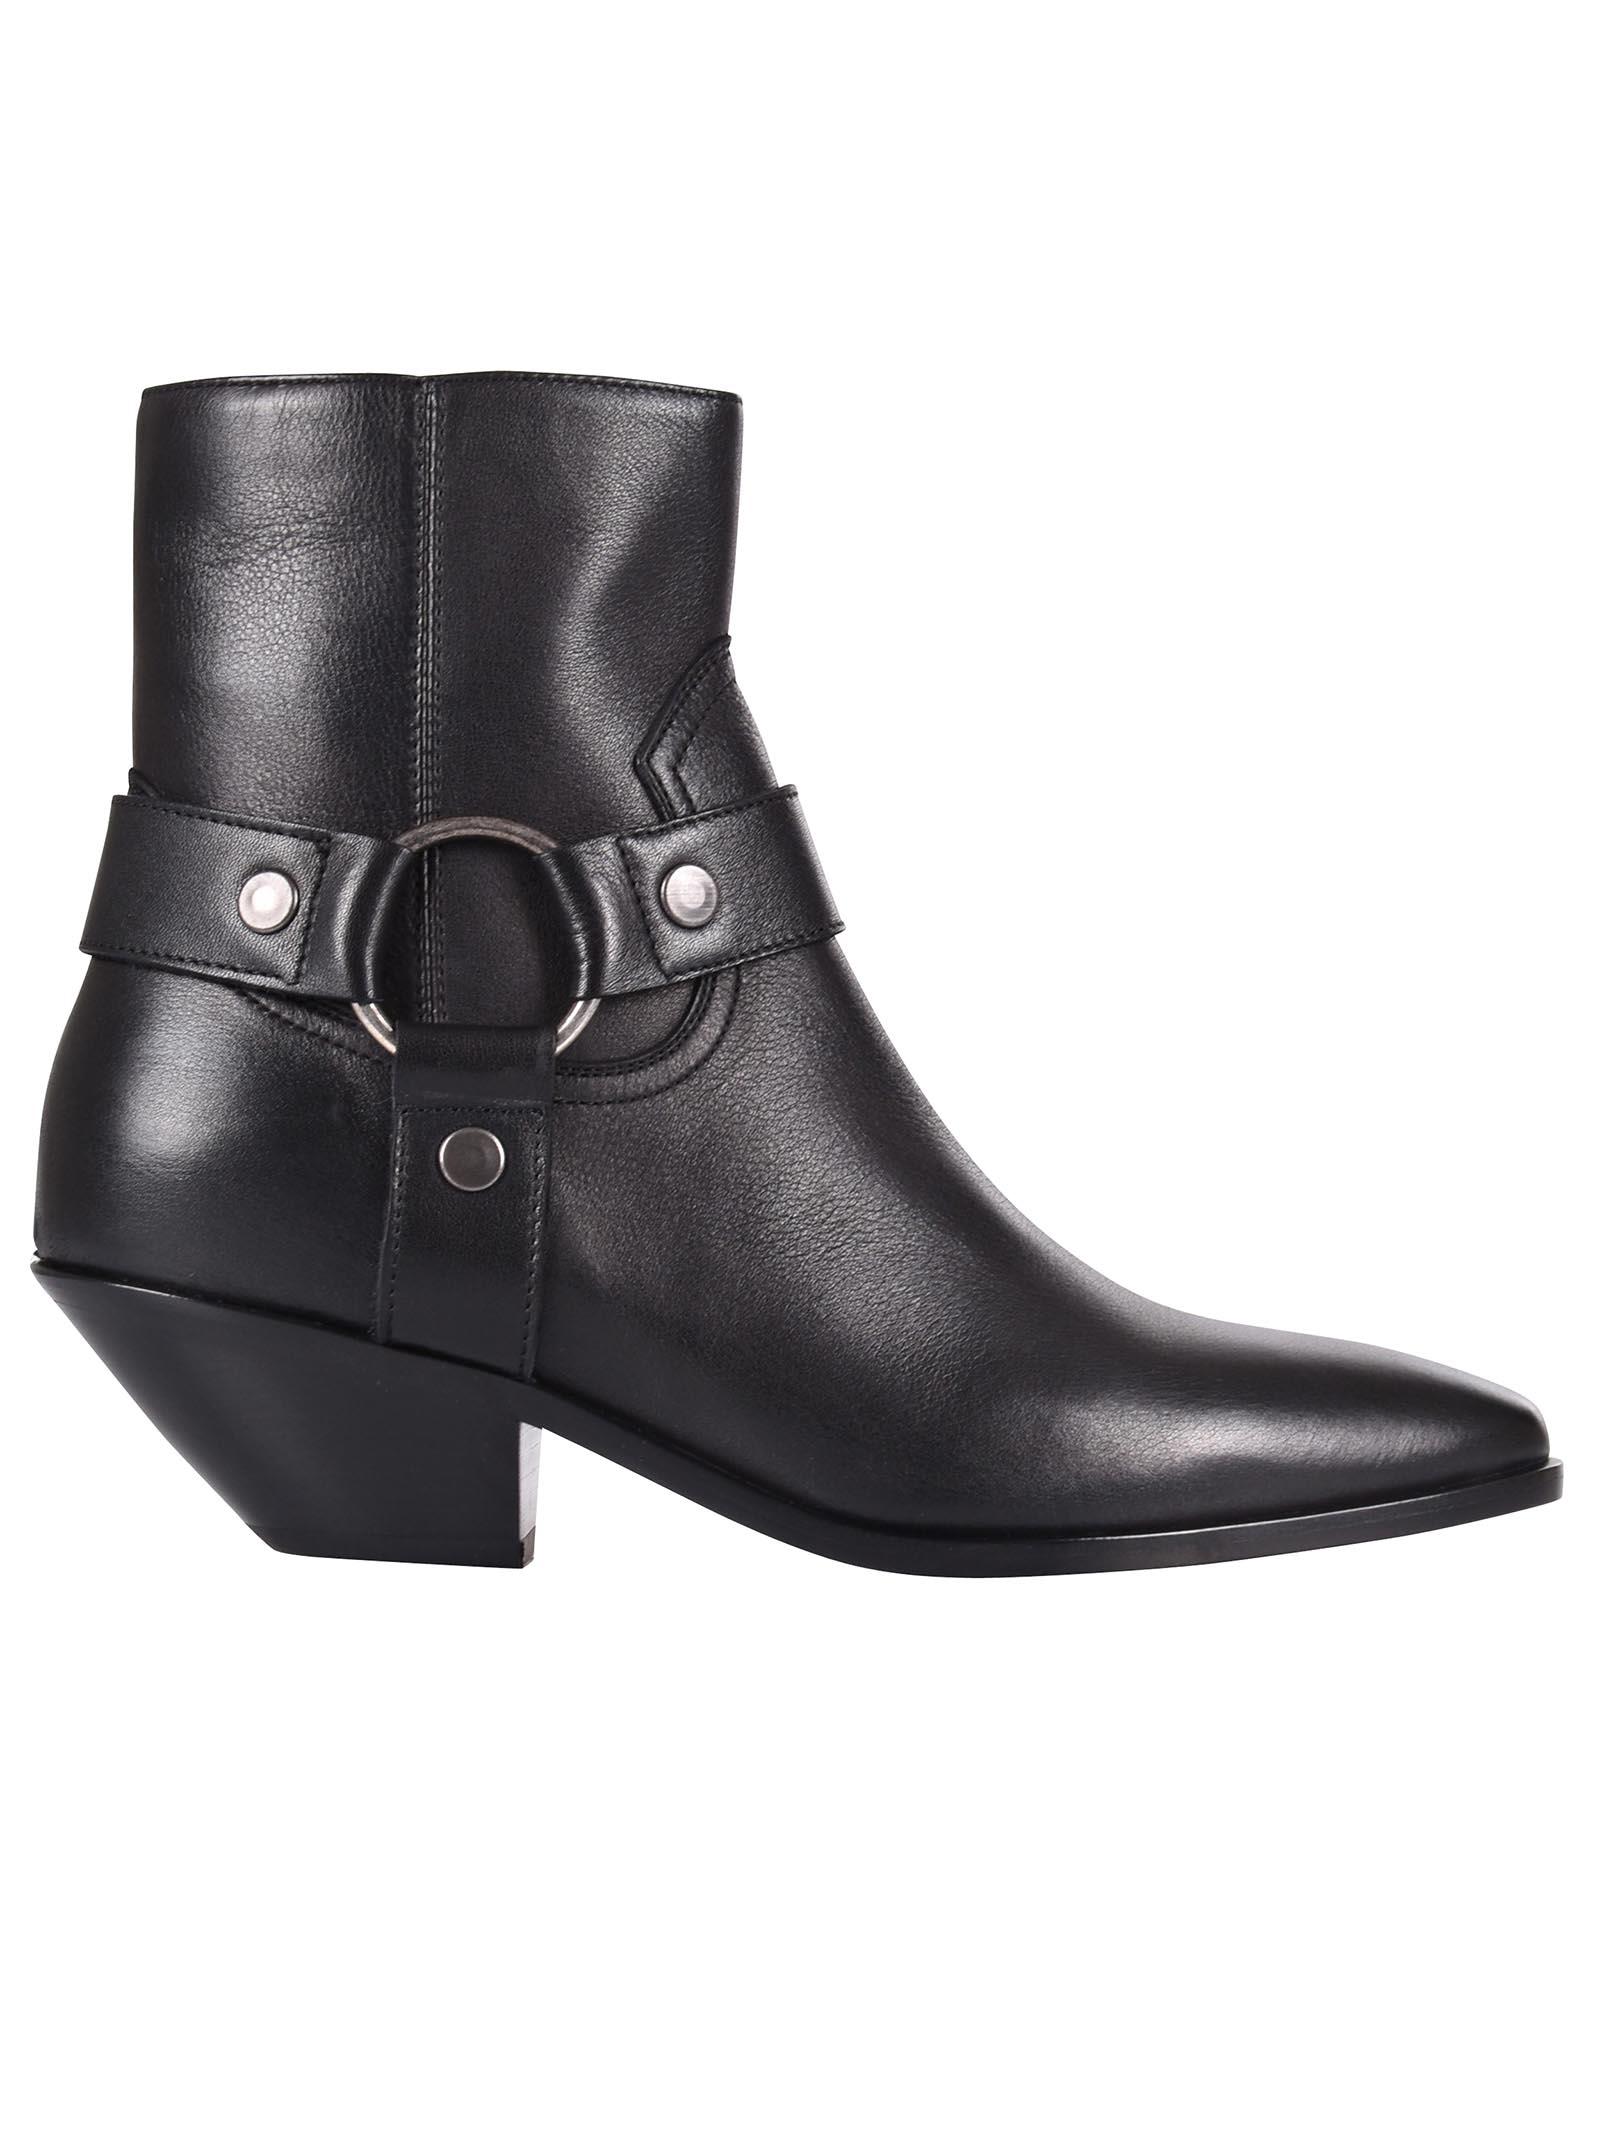 Saint Laurent West 45 Ankle Boots